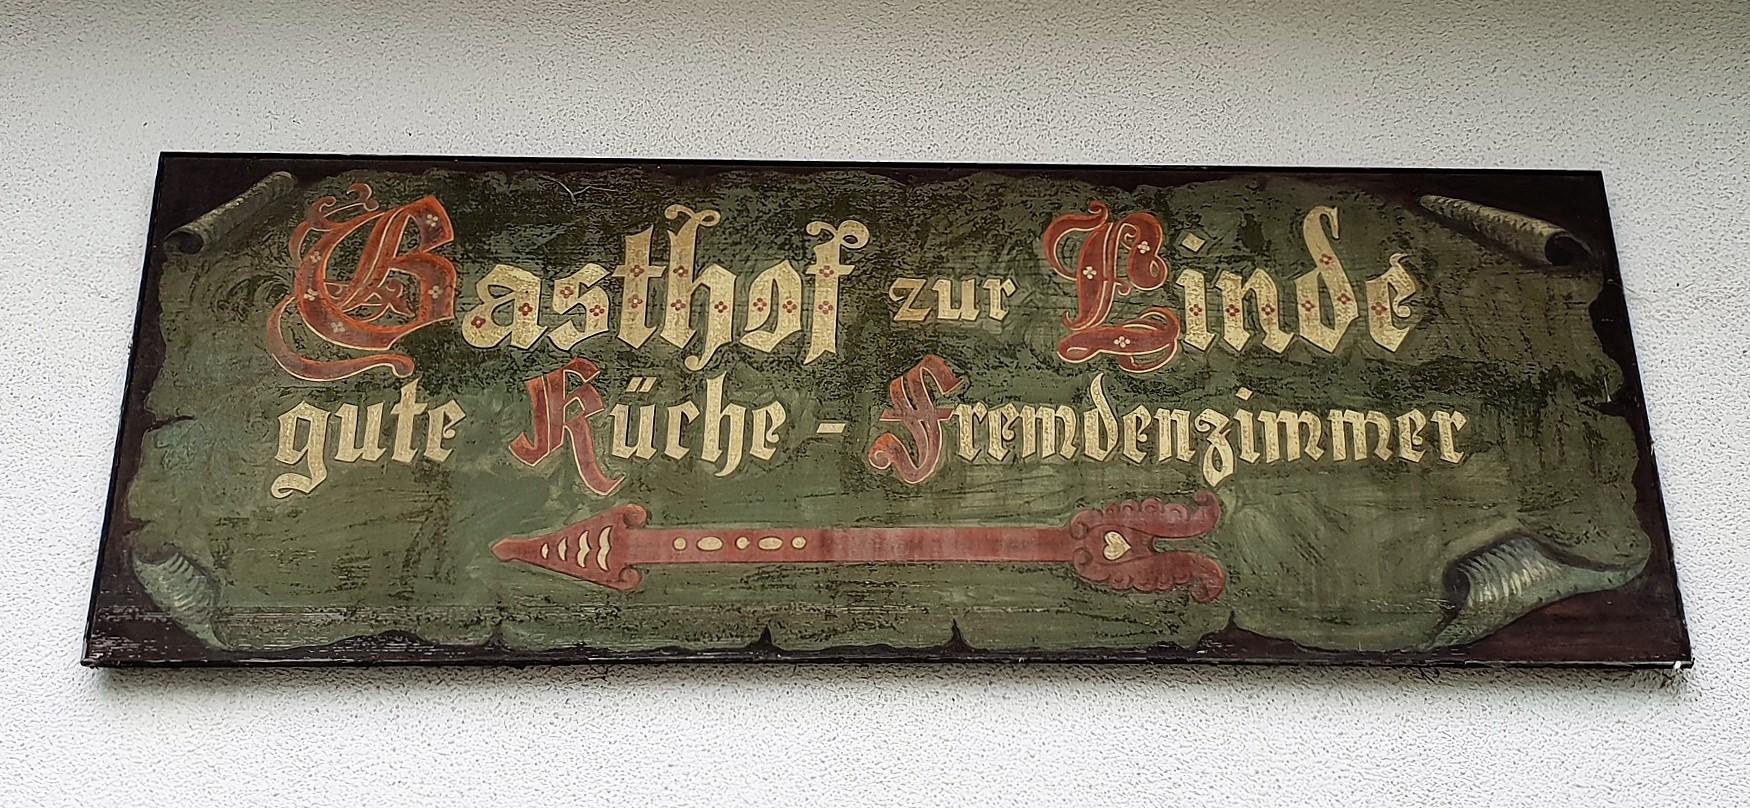 Zur Linde Steinhausen